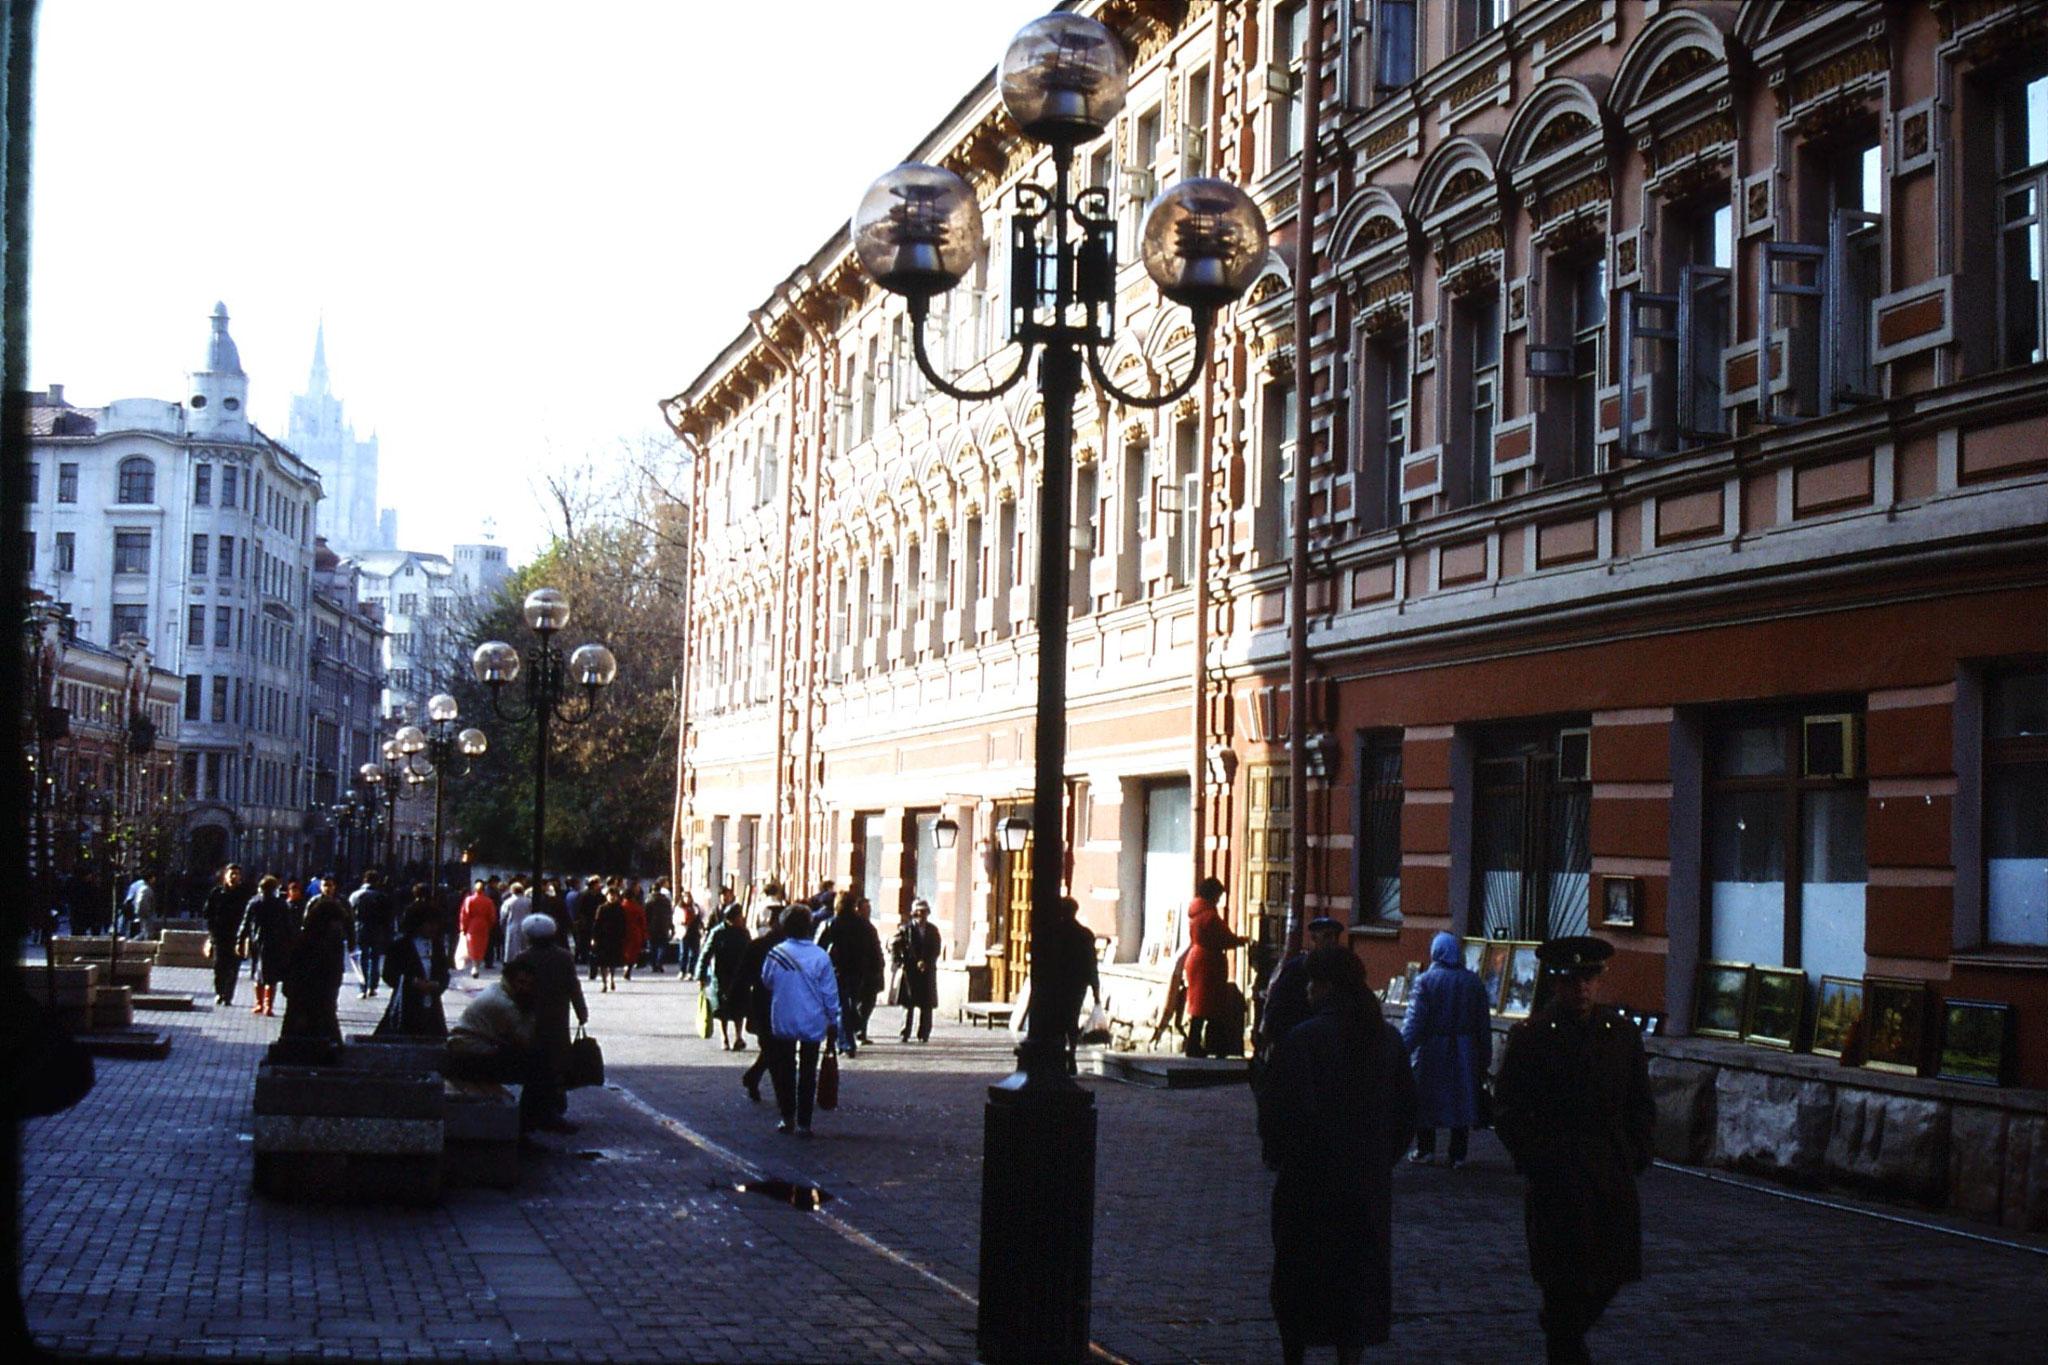 17/10/1988: 11: Arbat street